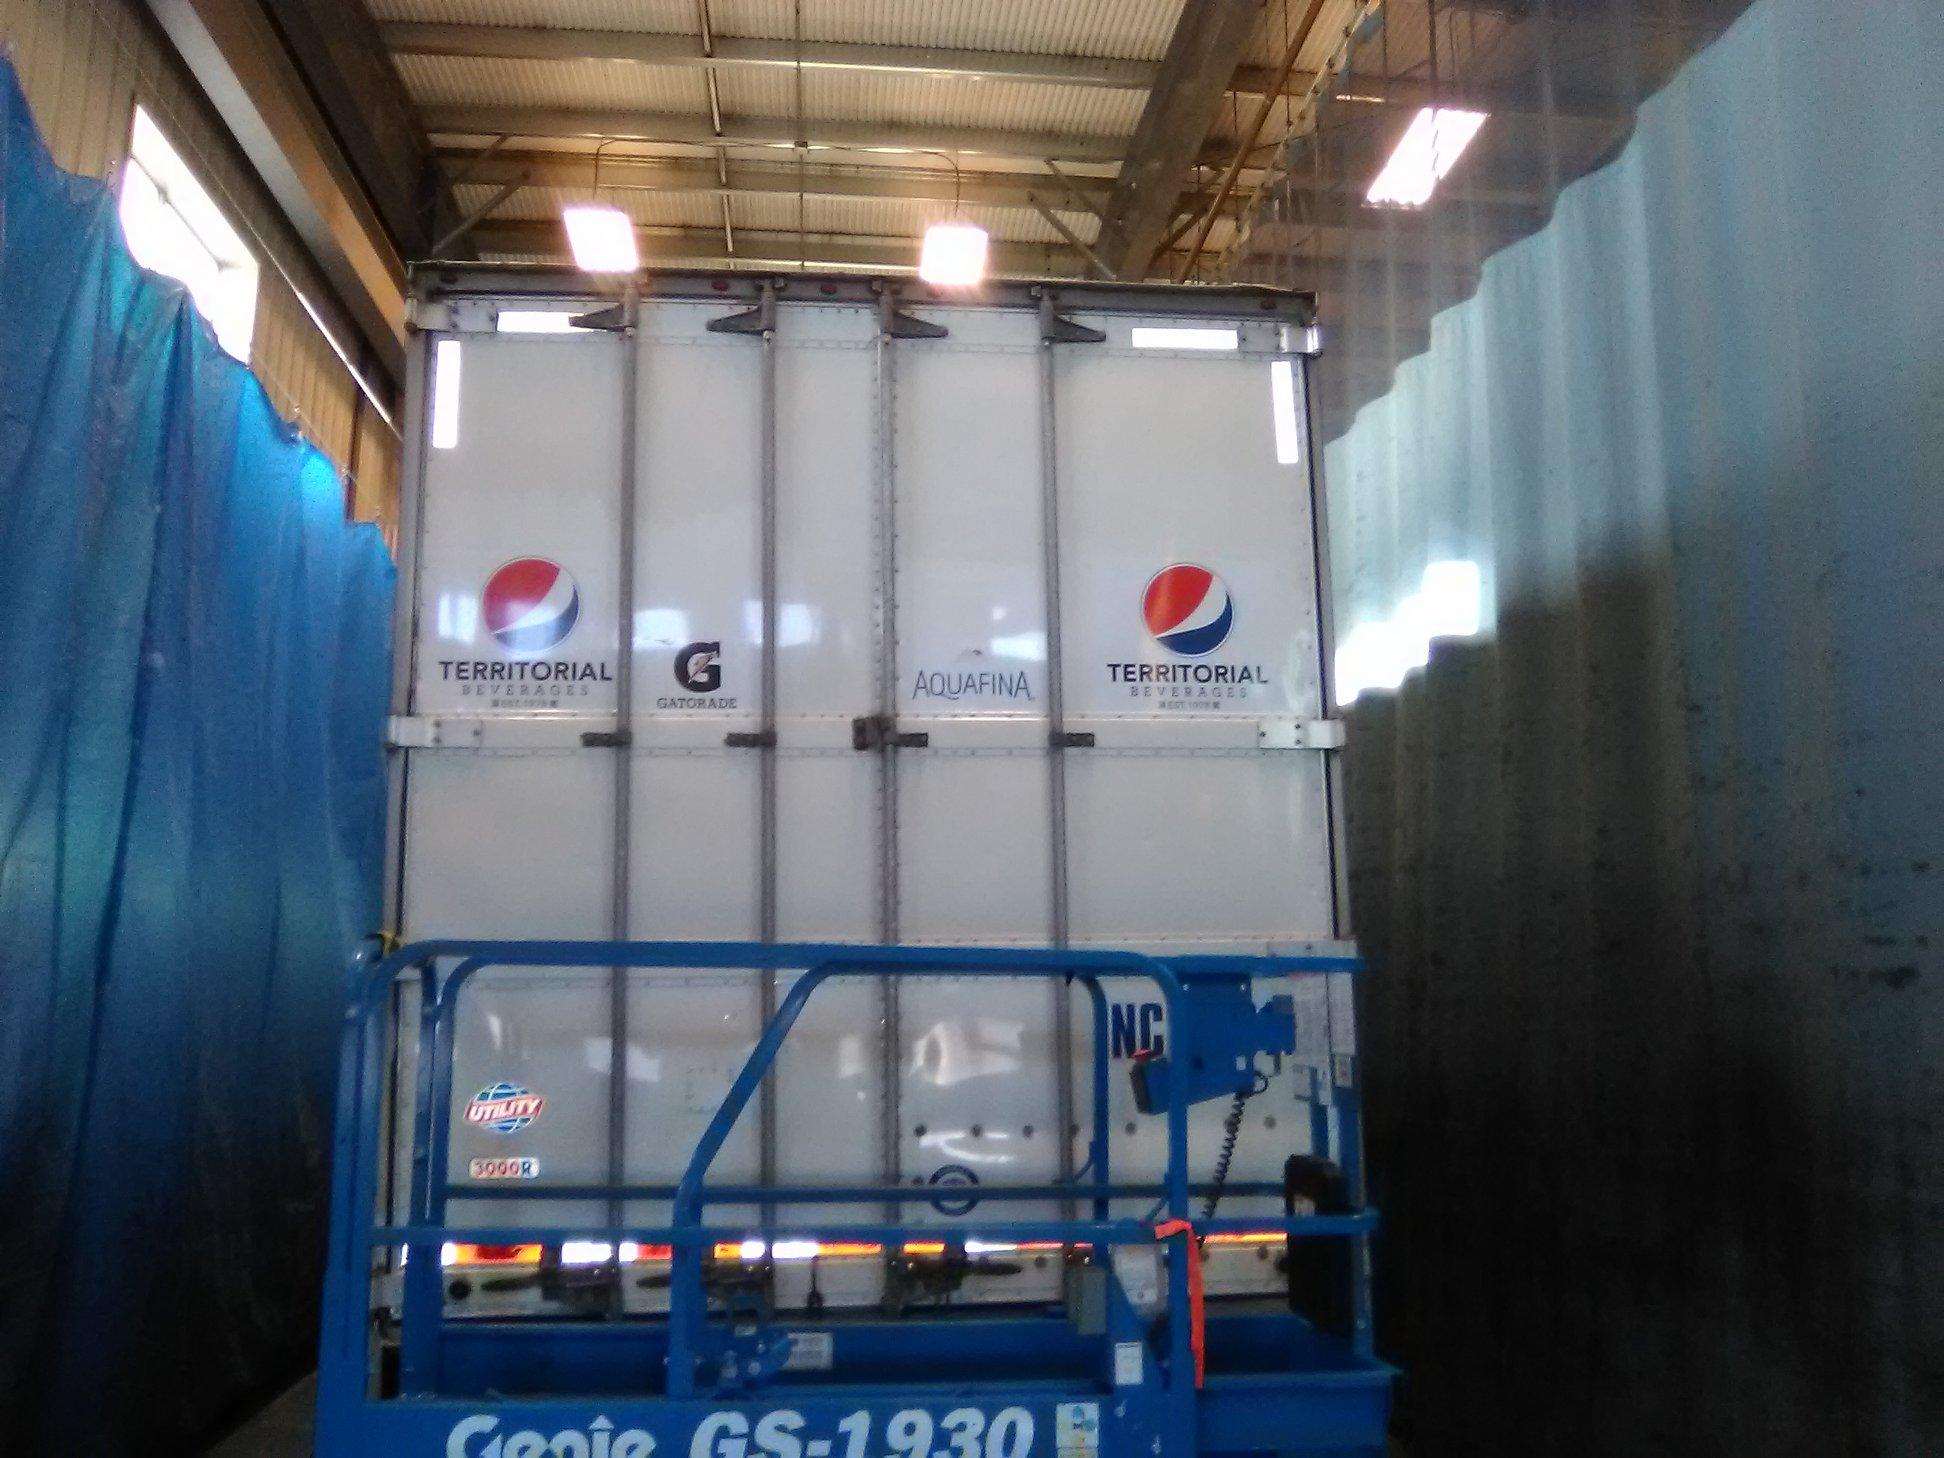 Pepsi Commercial Semi-Truck Fleet Decals